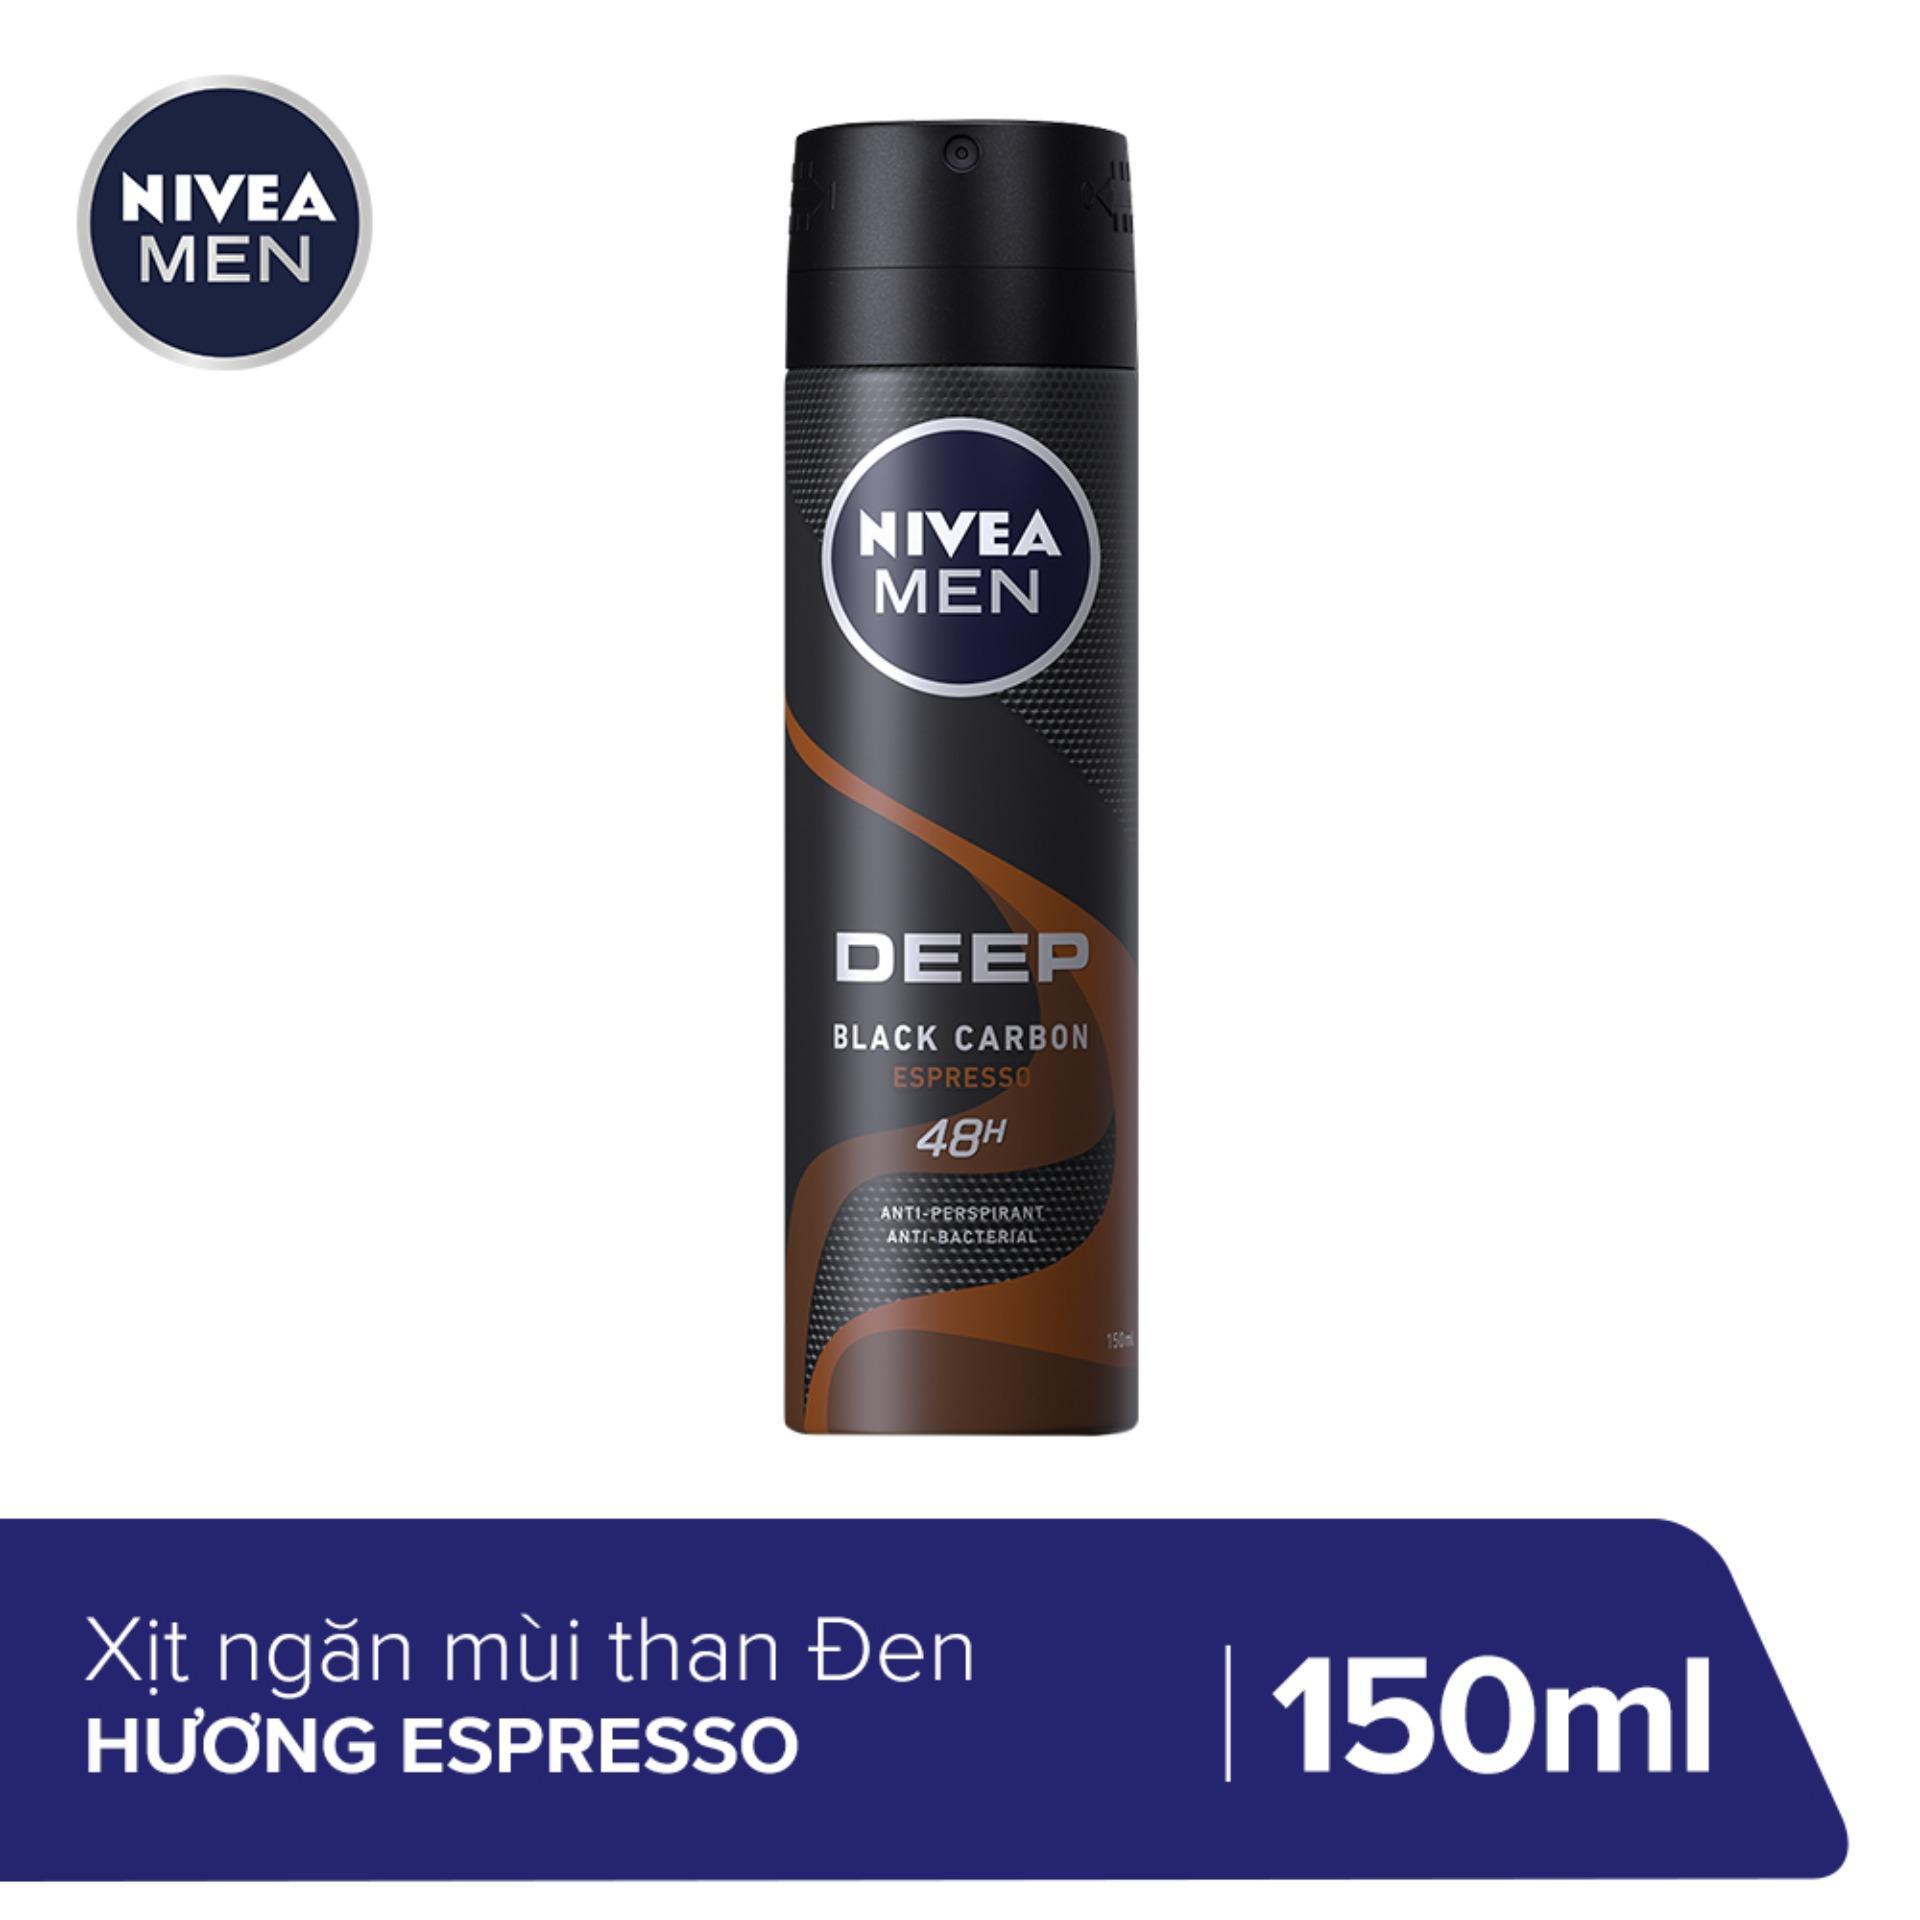 Xịt ngăn mùi Nivea Than Đen Hương Espresso 150ML - 85367